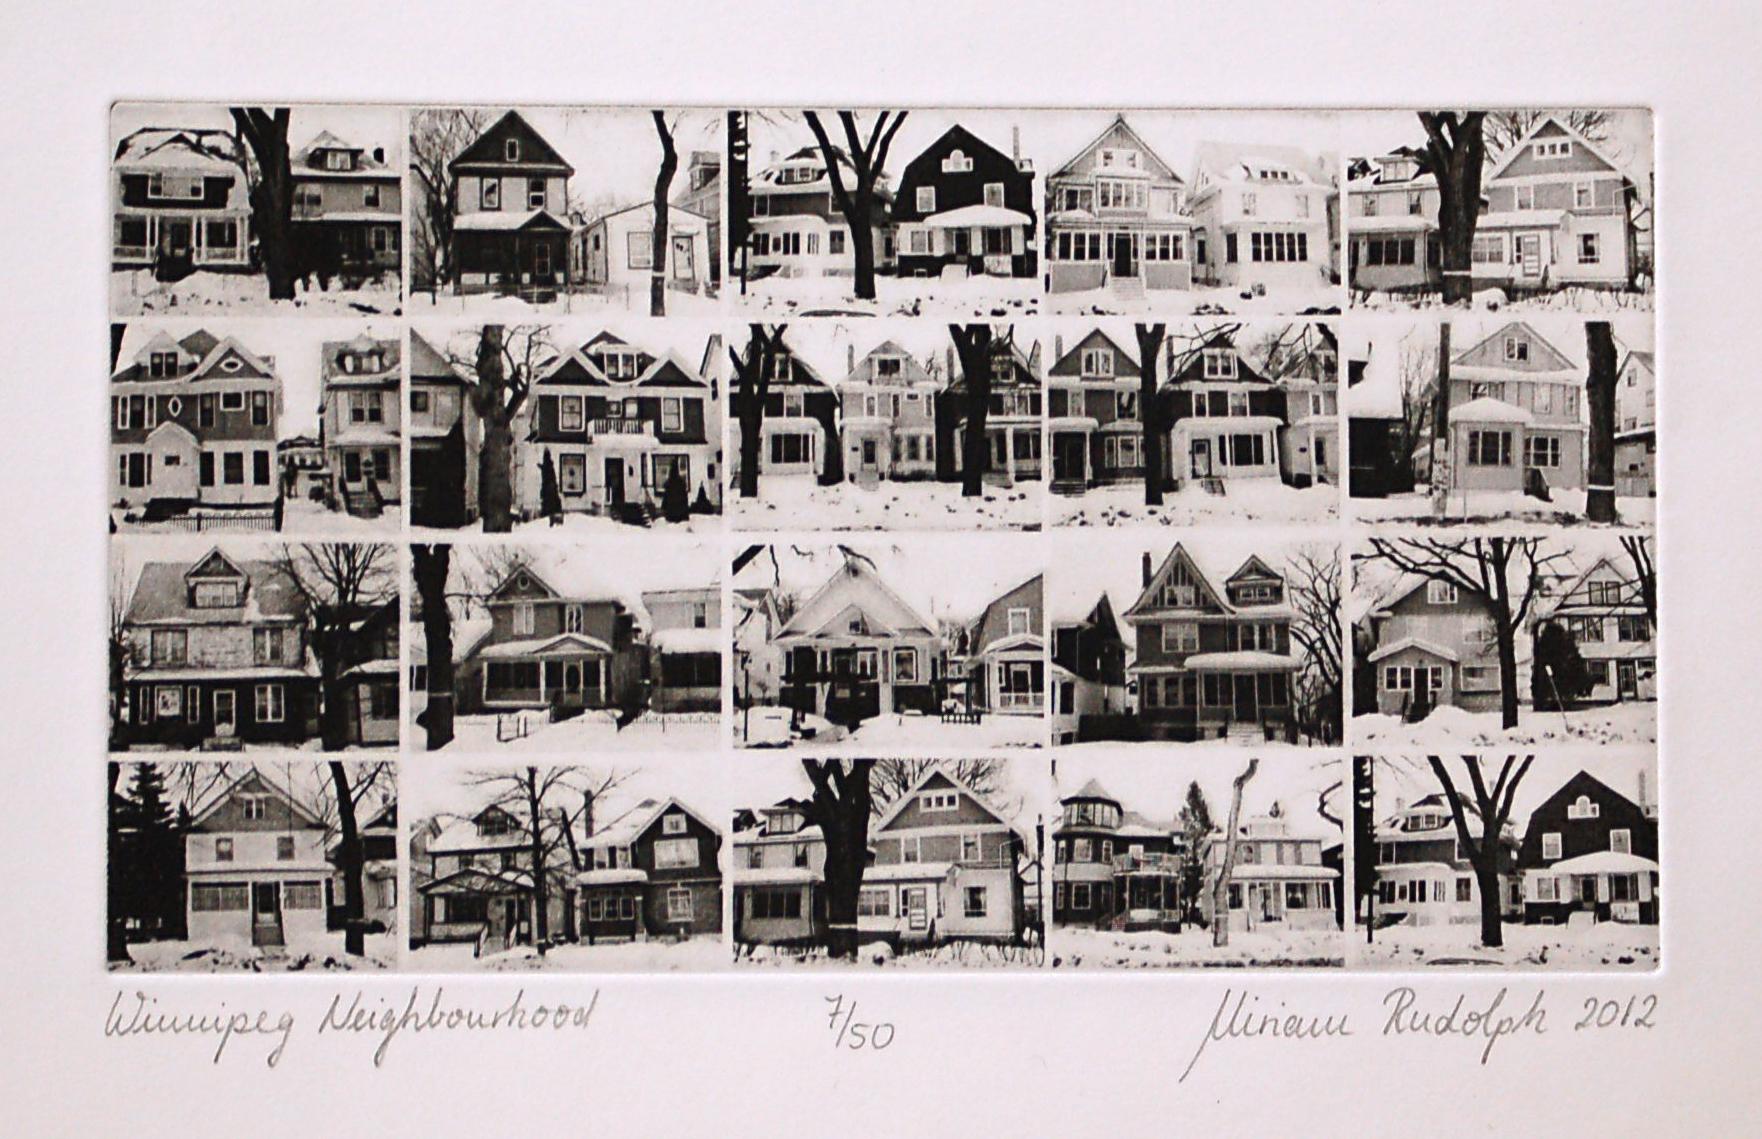 Winnipeg Neighbourhood, Polymer Photogravure, 20cm x 11.25cm, 2012